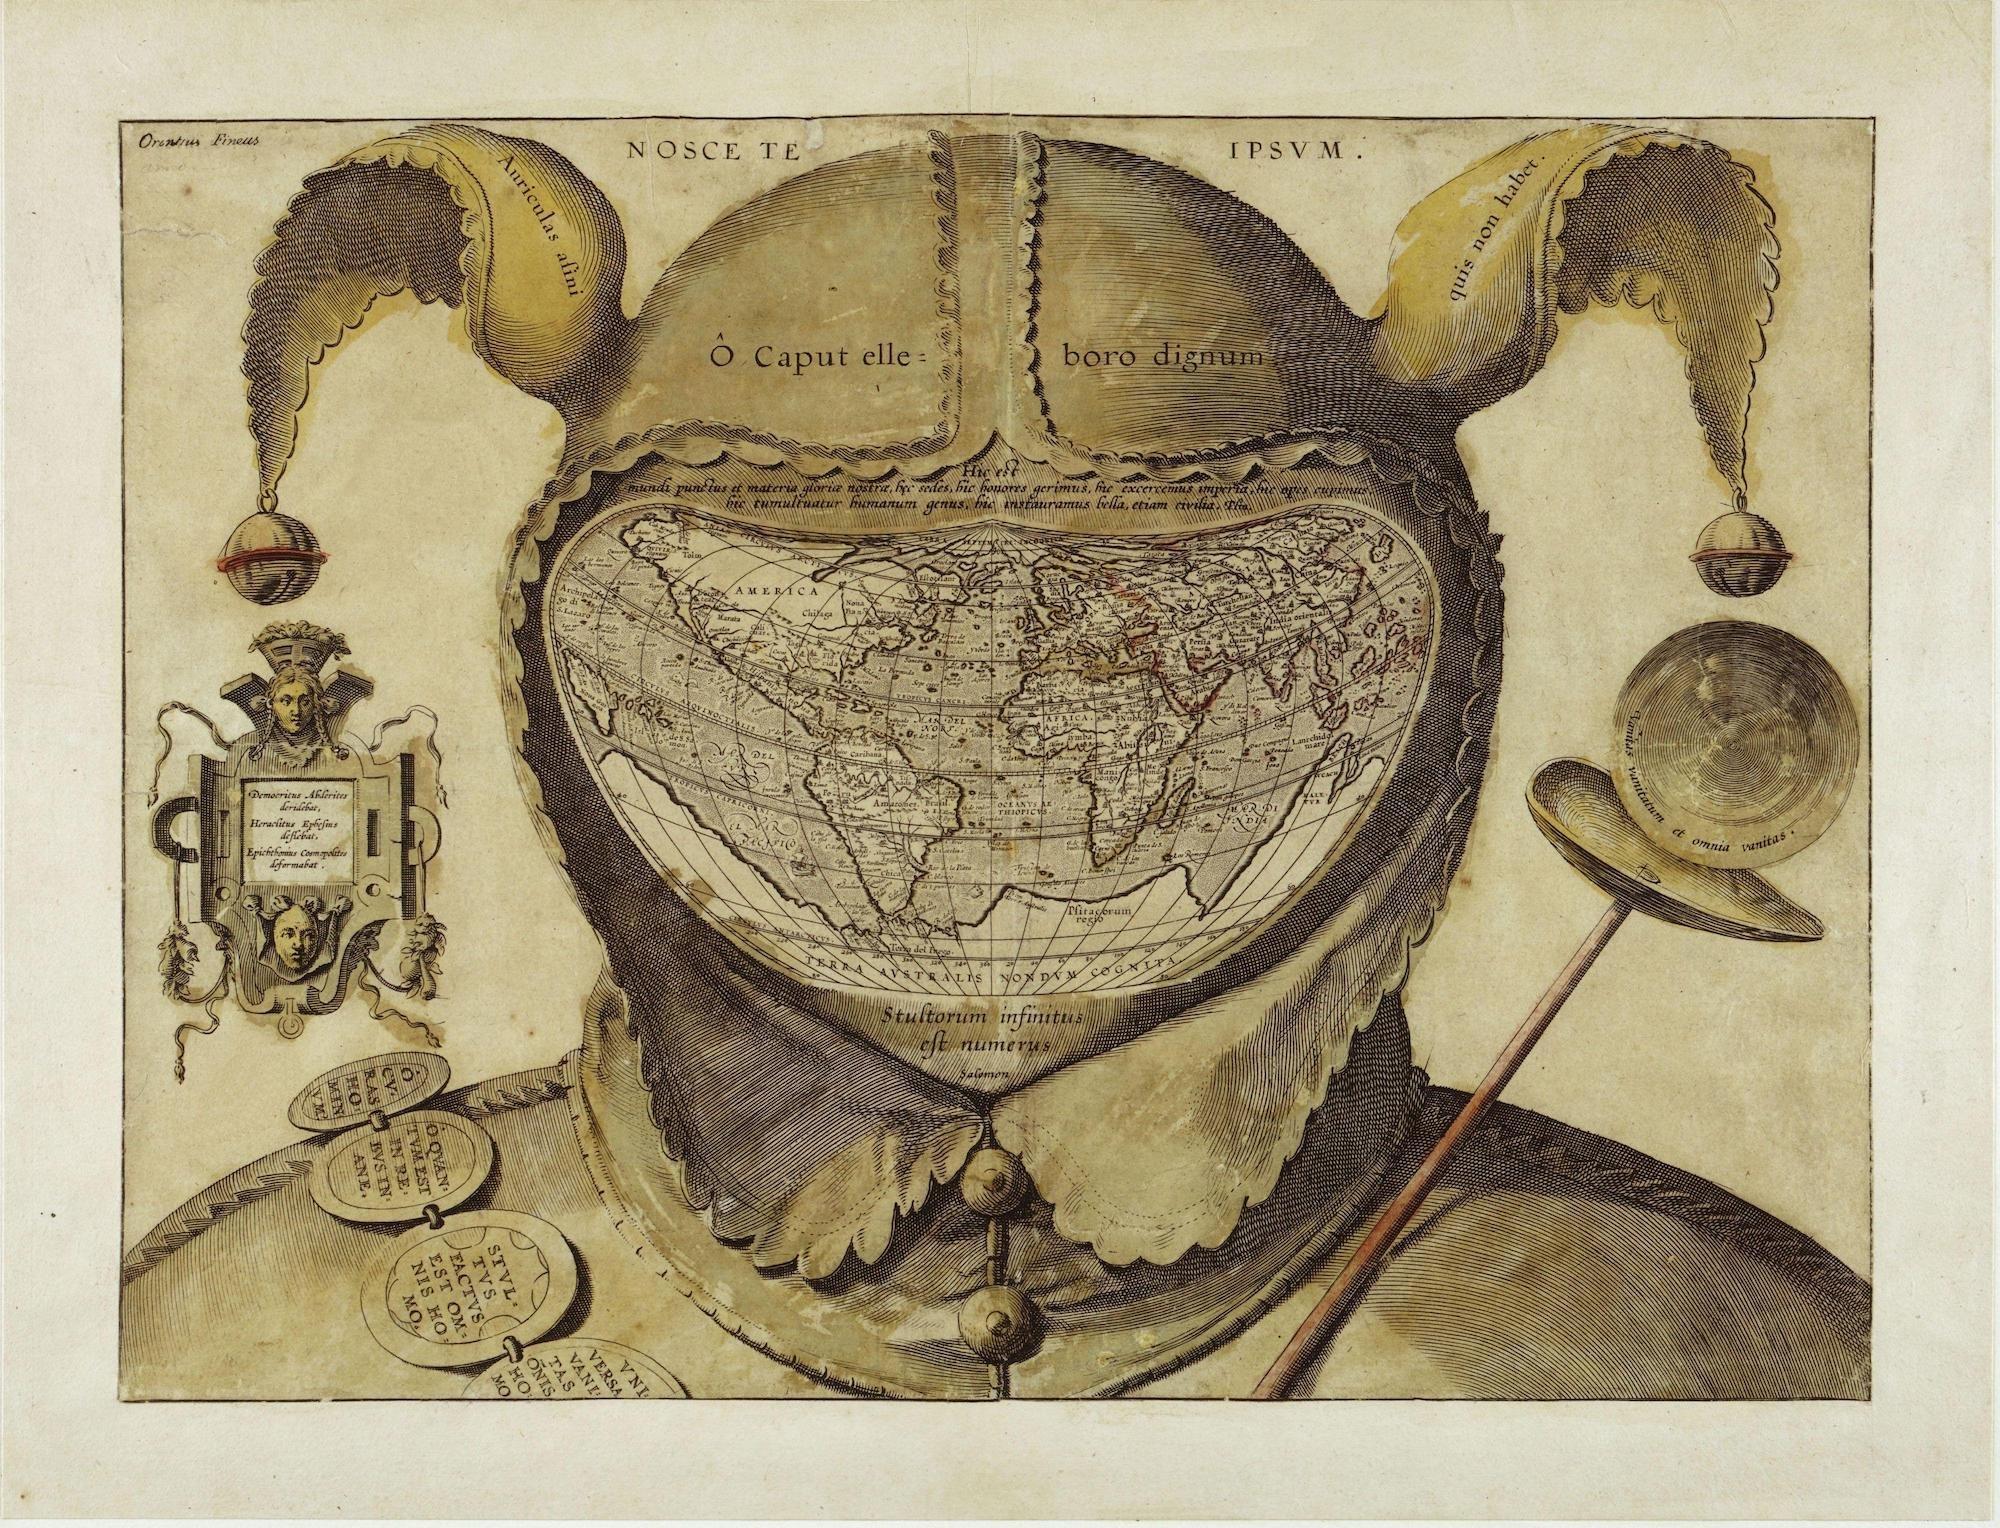 Bild des Künstlers Jean de Gourmont. Zu sehen ist das Portrait eines klassischen Narren. Unter der Kappe befindet sich jedoch kein Gesicht sondern eine Weltkarte.